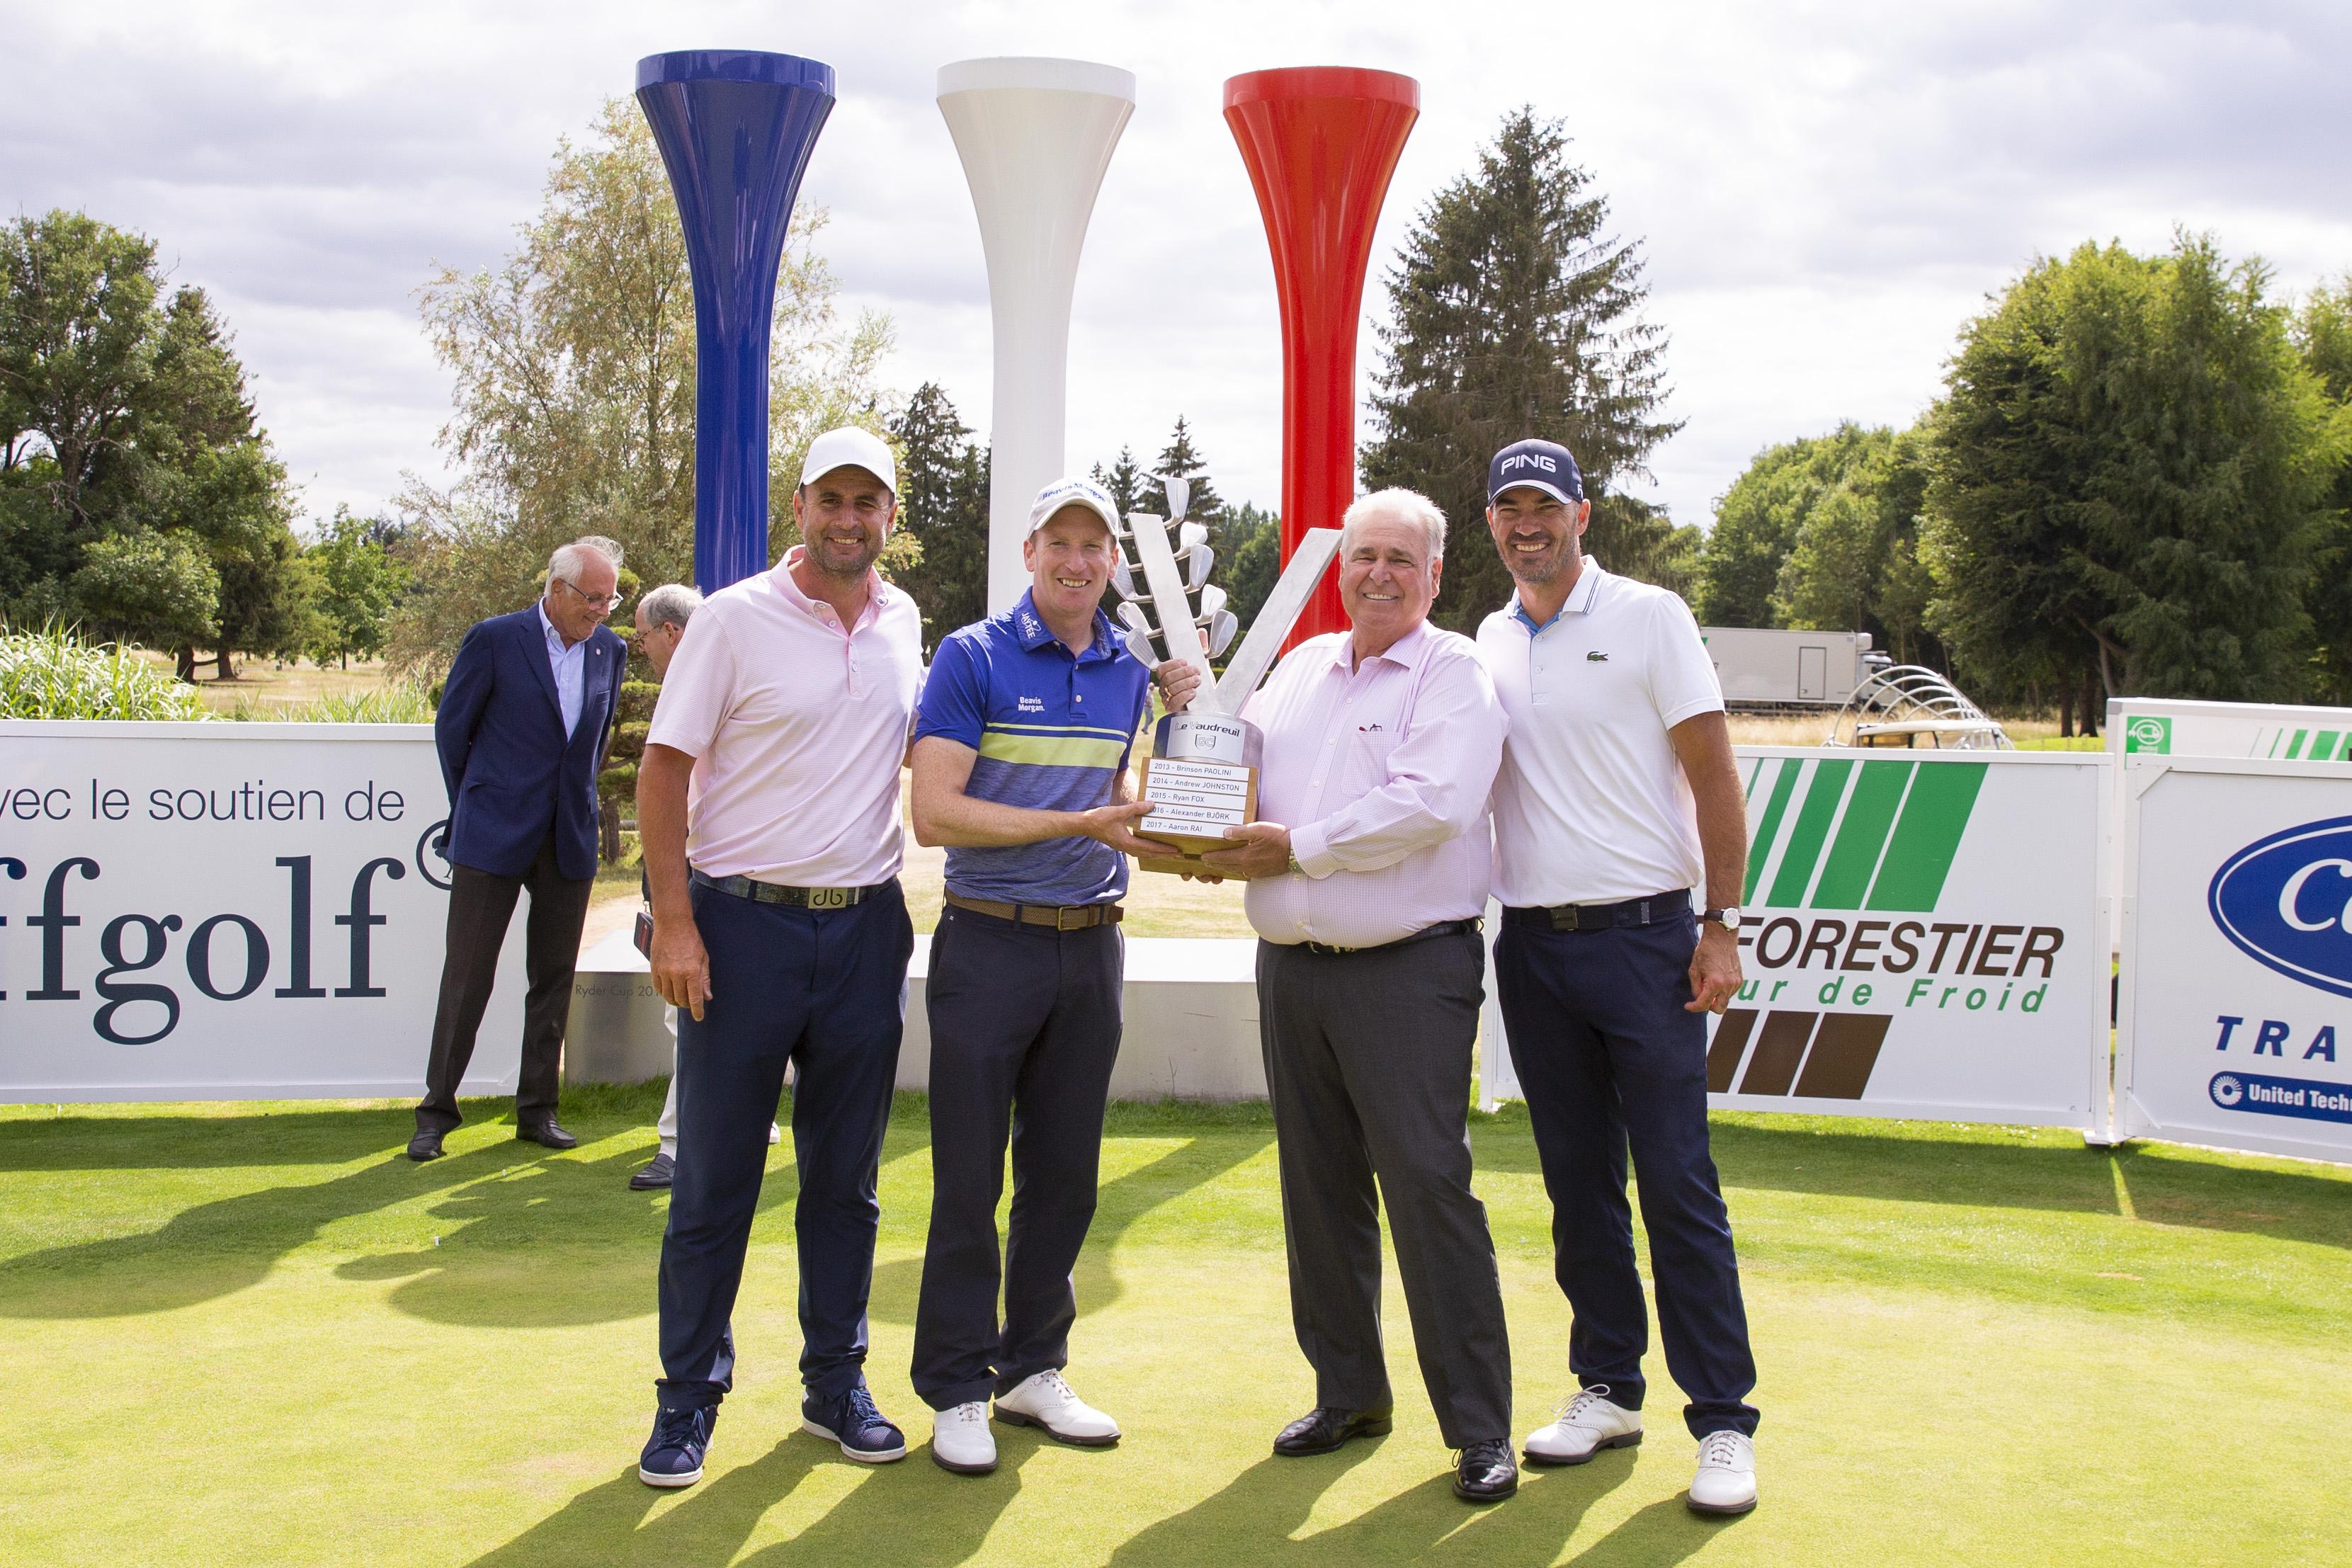 Golf - Tour européen - Vaudreuil Golf Challenge: Steven Tiley devance Grégory Havret sur le podium